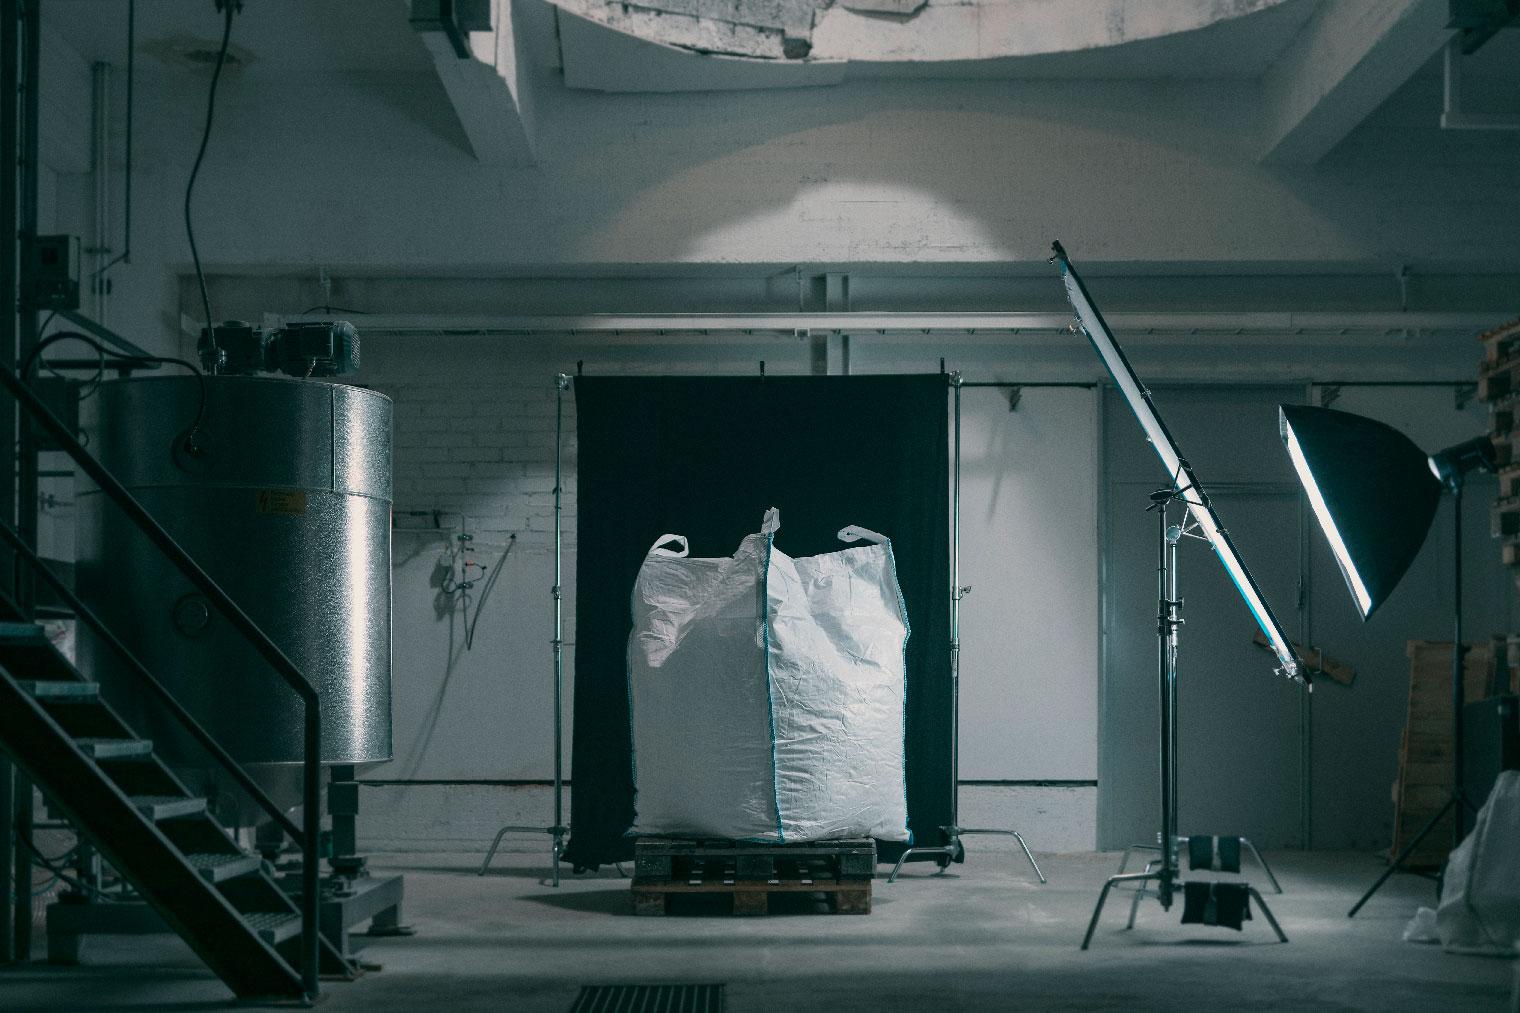 芬兰循环时尚和纺织技术集团 Infinited Fiber 融资3000万欧元,来自阿迪达斯、绫致时装等